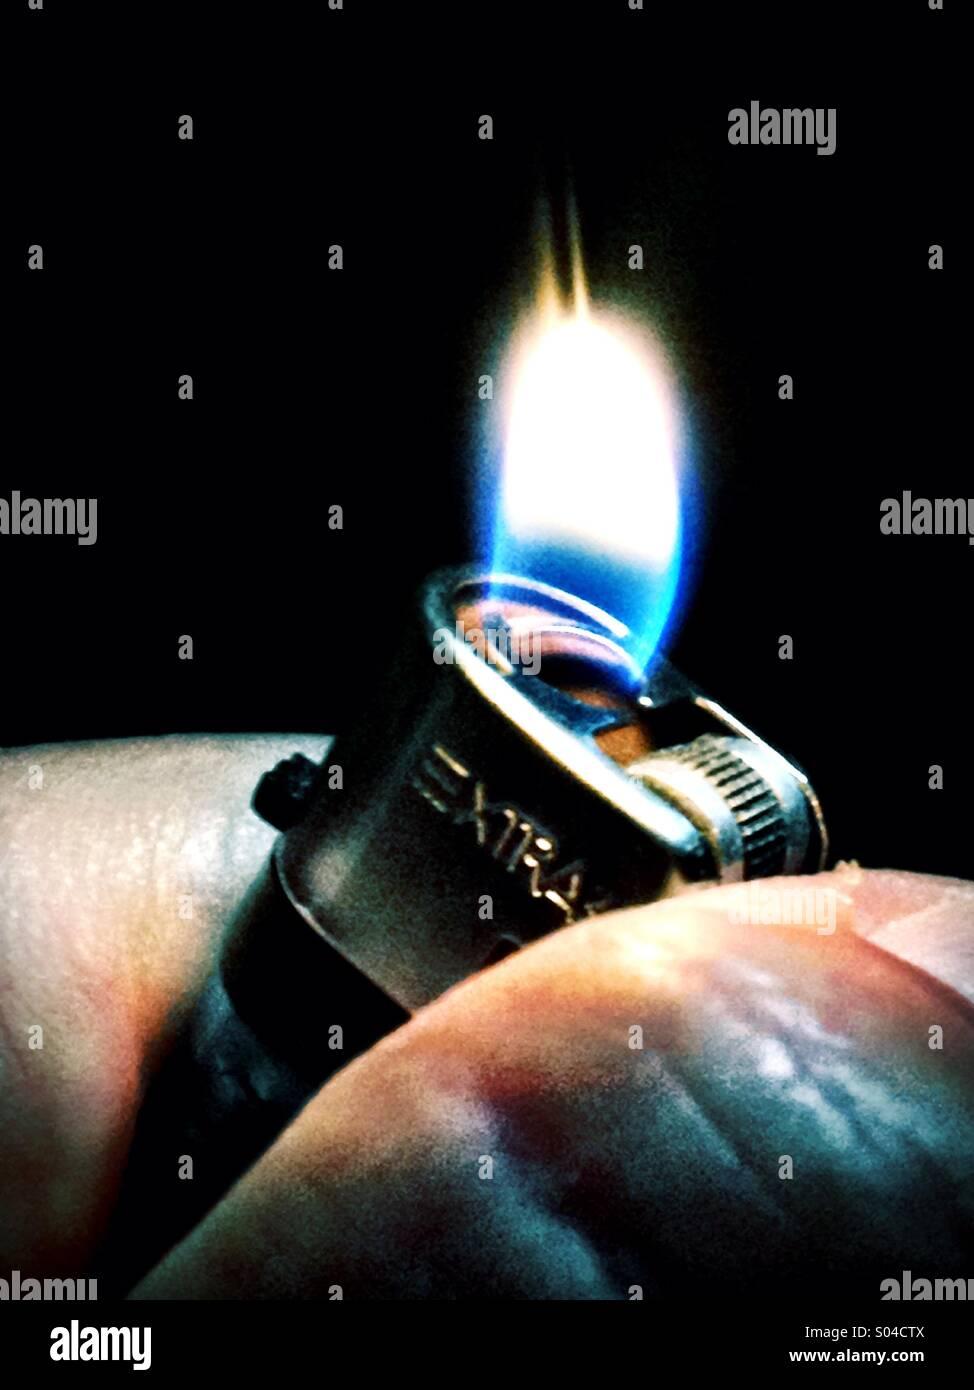 Lighter - Stock Image